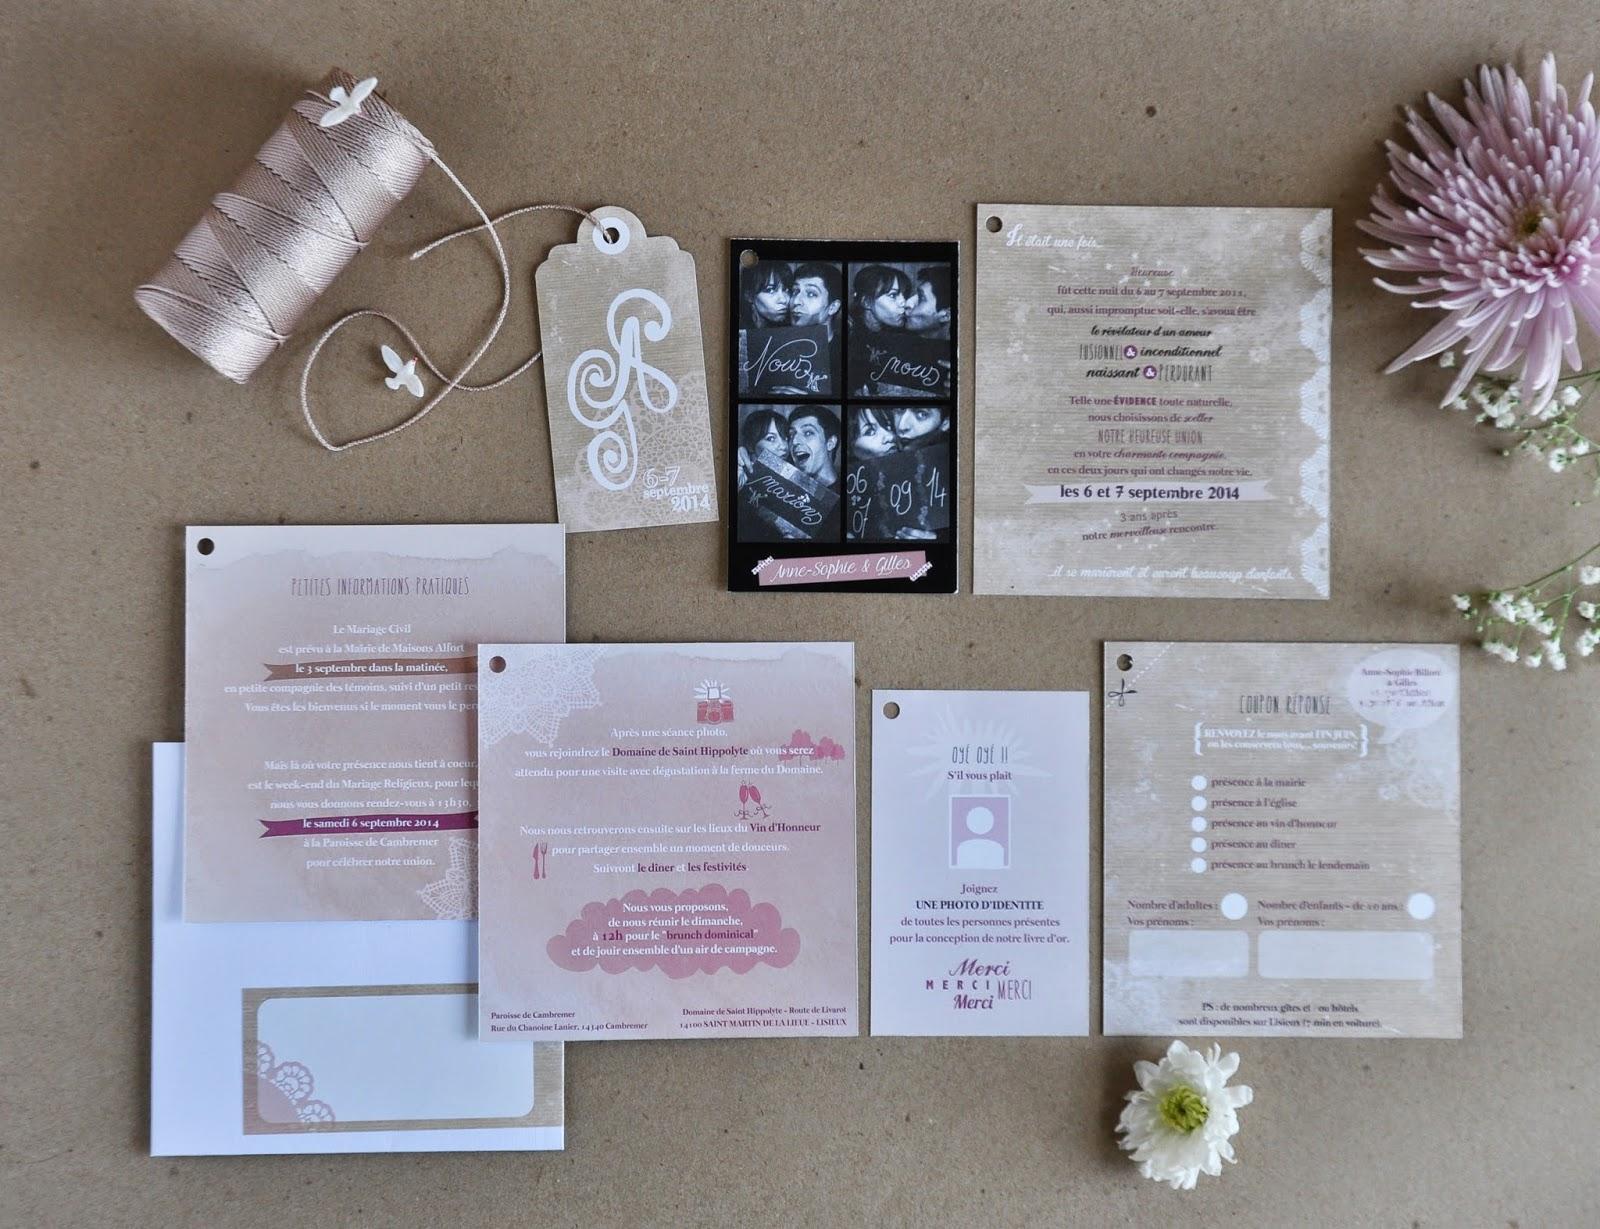 arr te de r ver faire part mariage anne sophie gilles douceur romantique. Black Bedroom Furniture Sets. Home Design Ideas